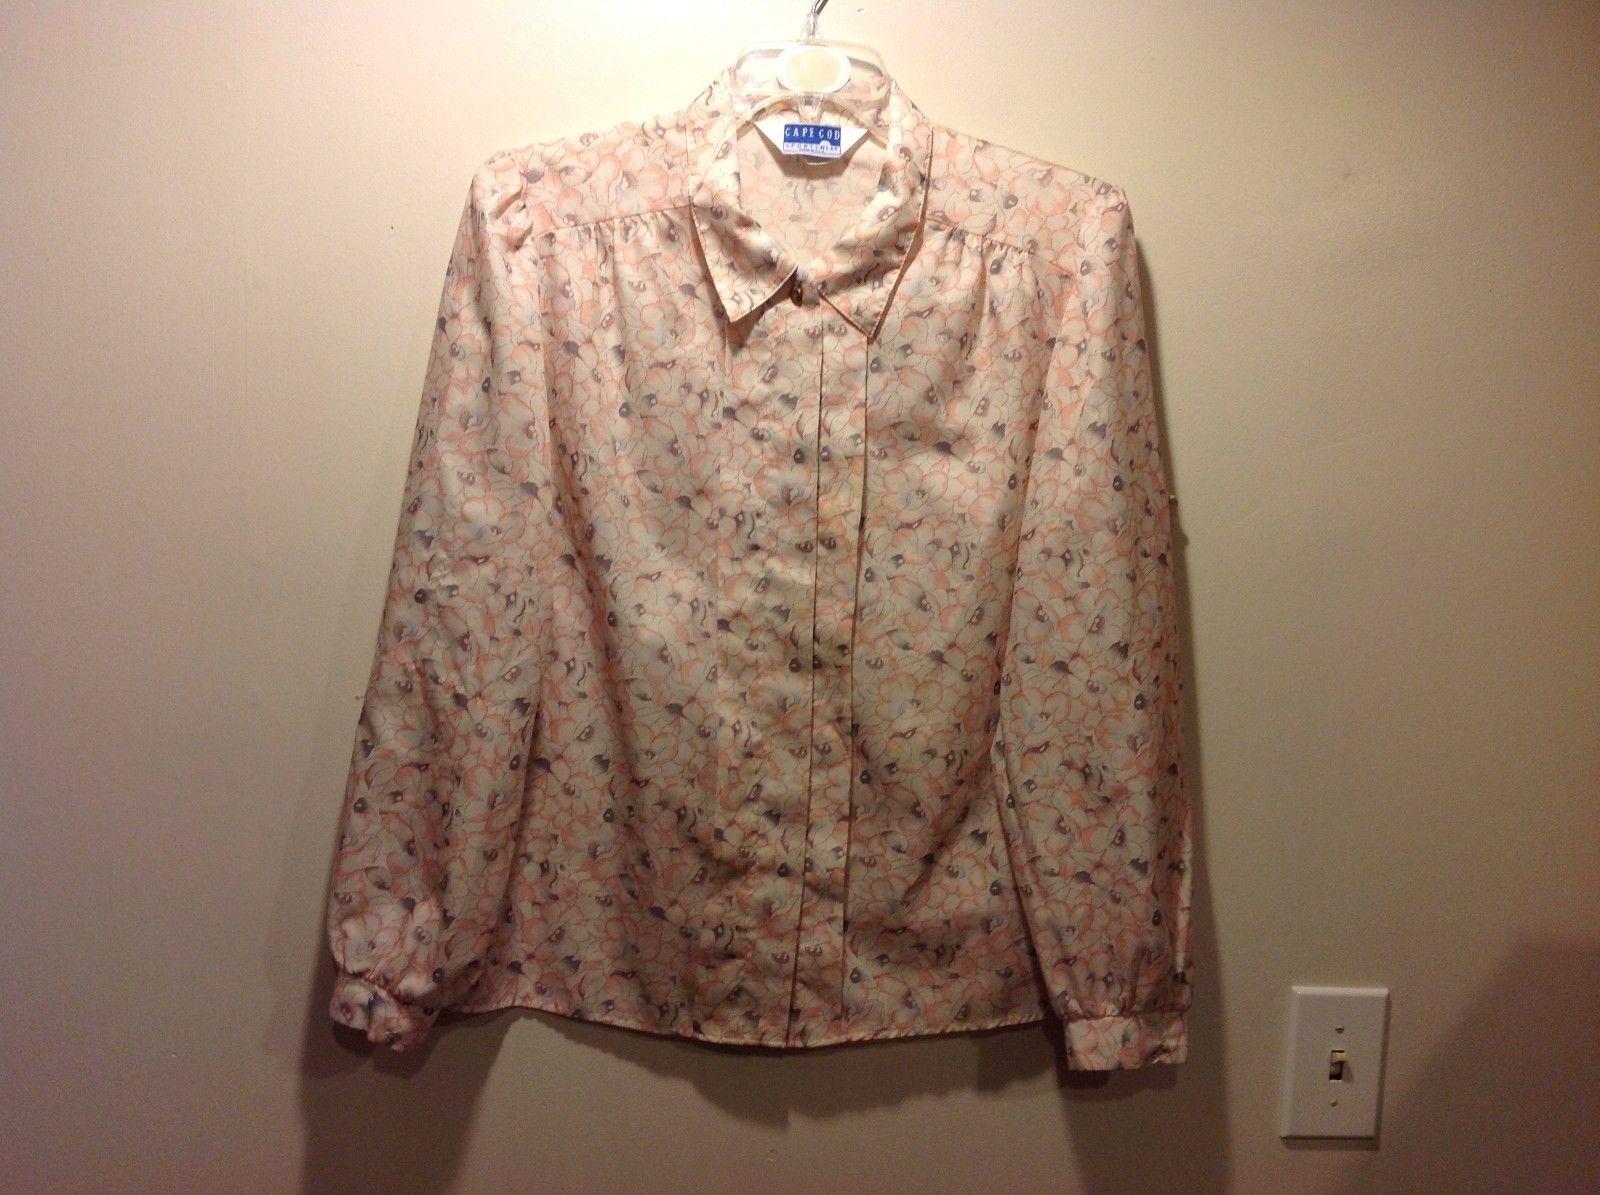 Cape Cod Ladies Floral Patterned Pastel Colored Button Up Blouse Sz S